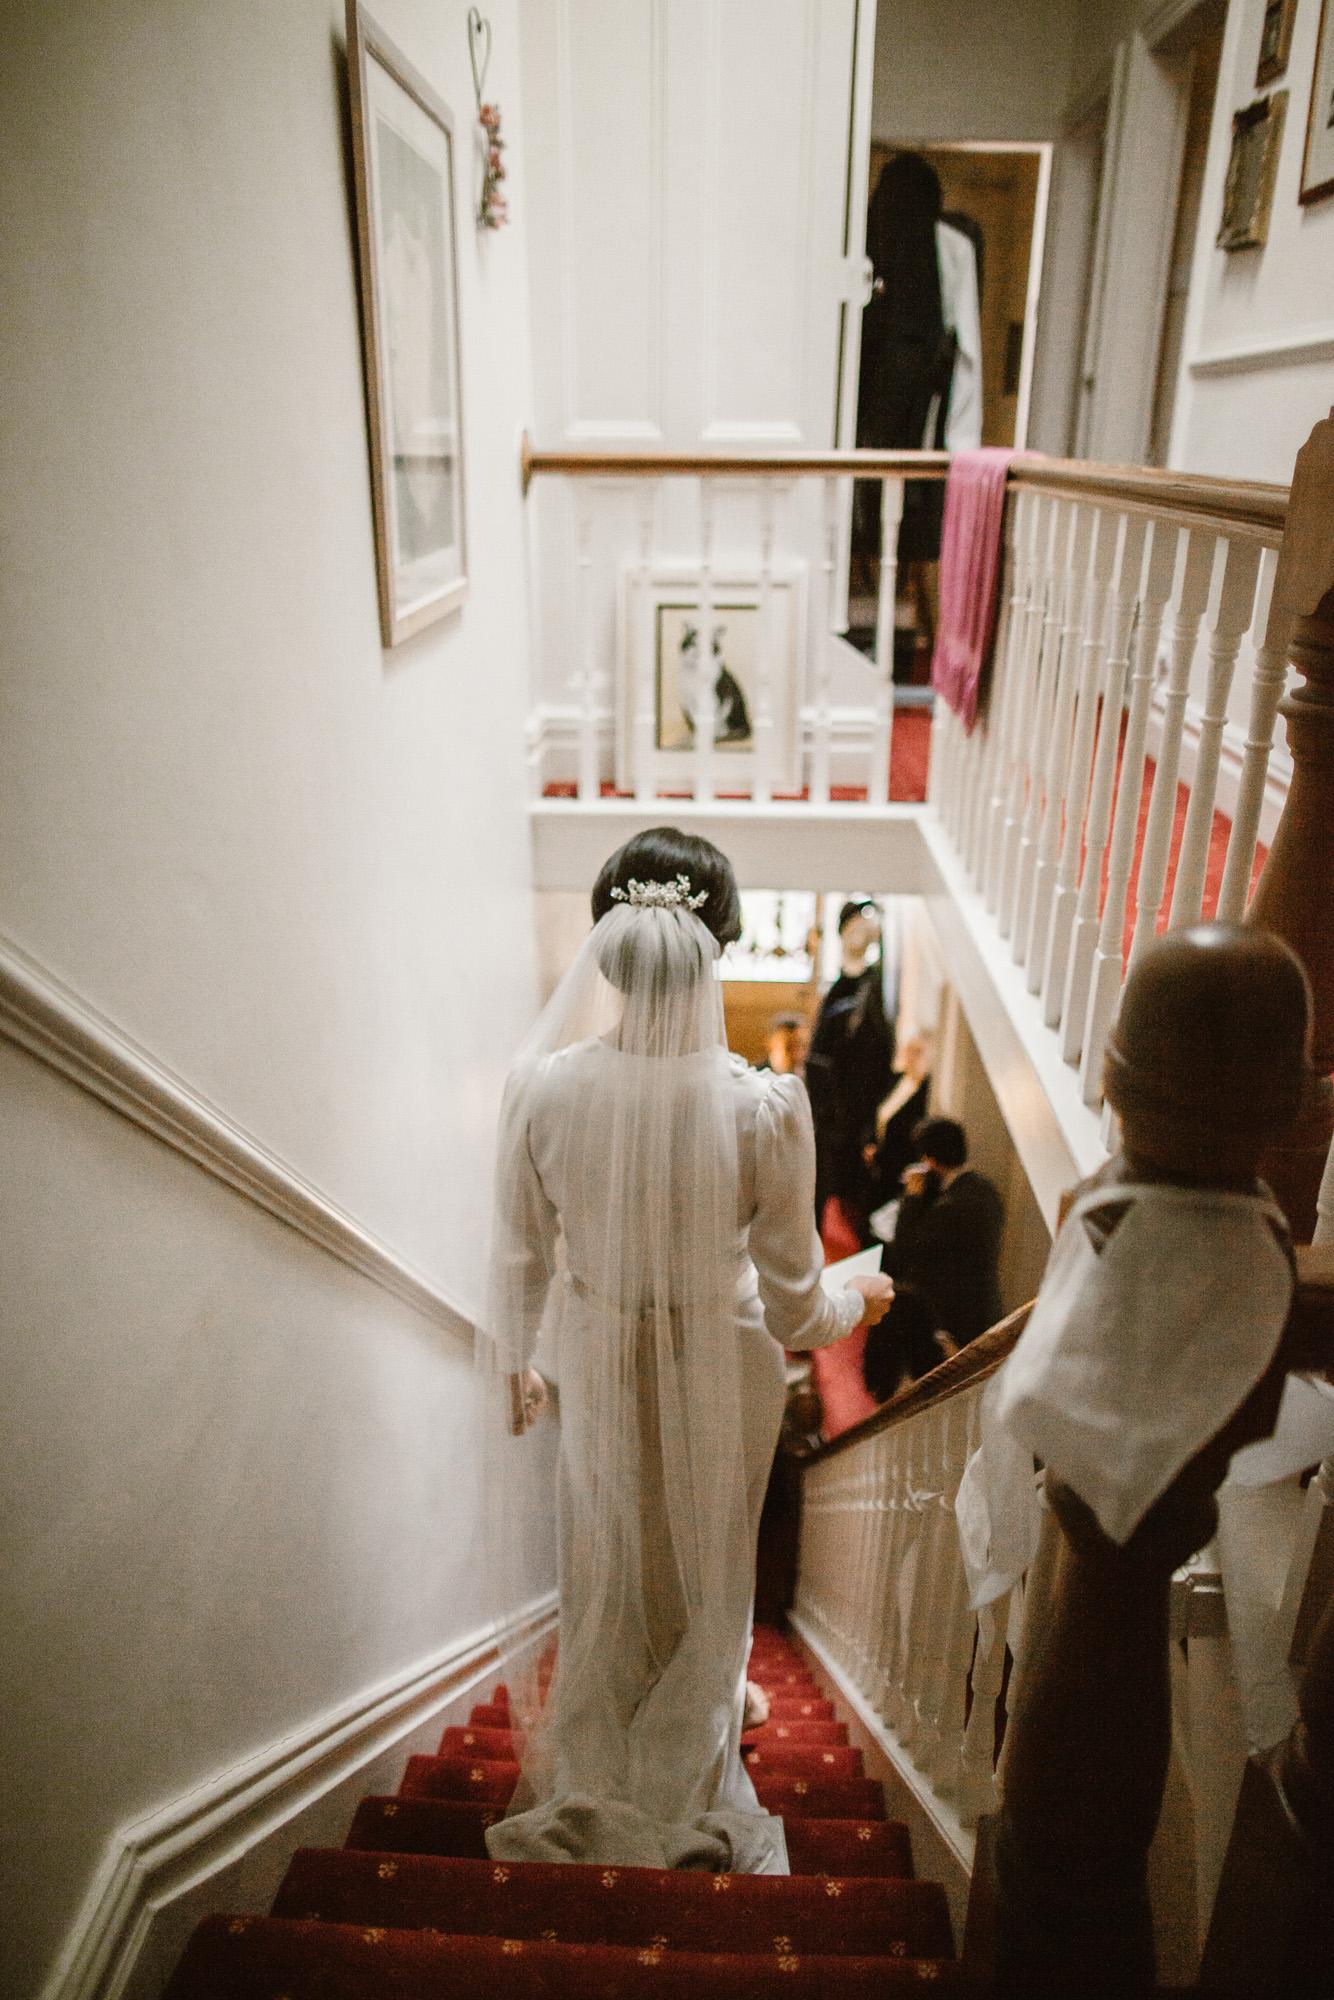 Kate-Elegant-Original-Vintage-1930s-Wedding-Gown-Kate-Beaumont-Sheffield-2.jpg